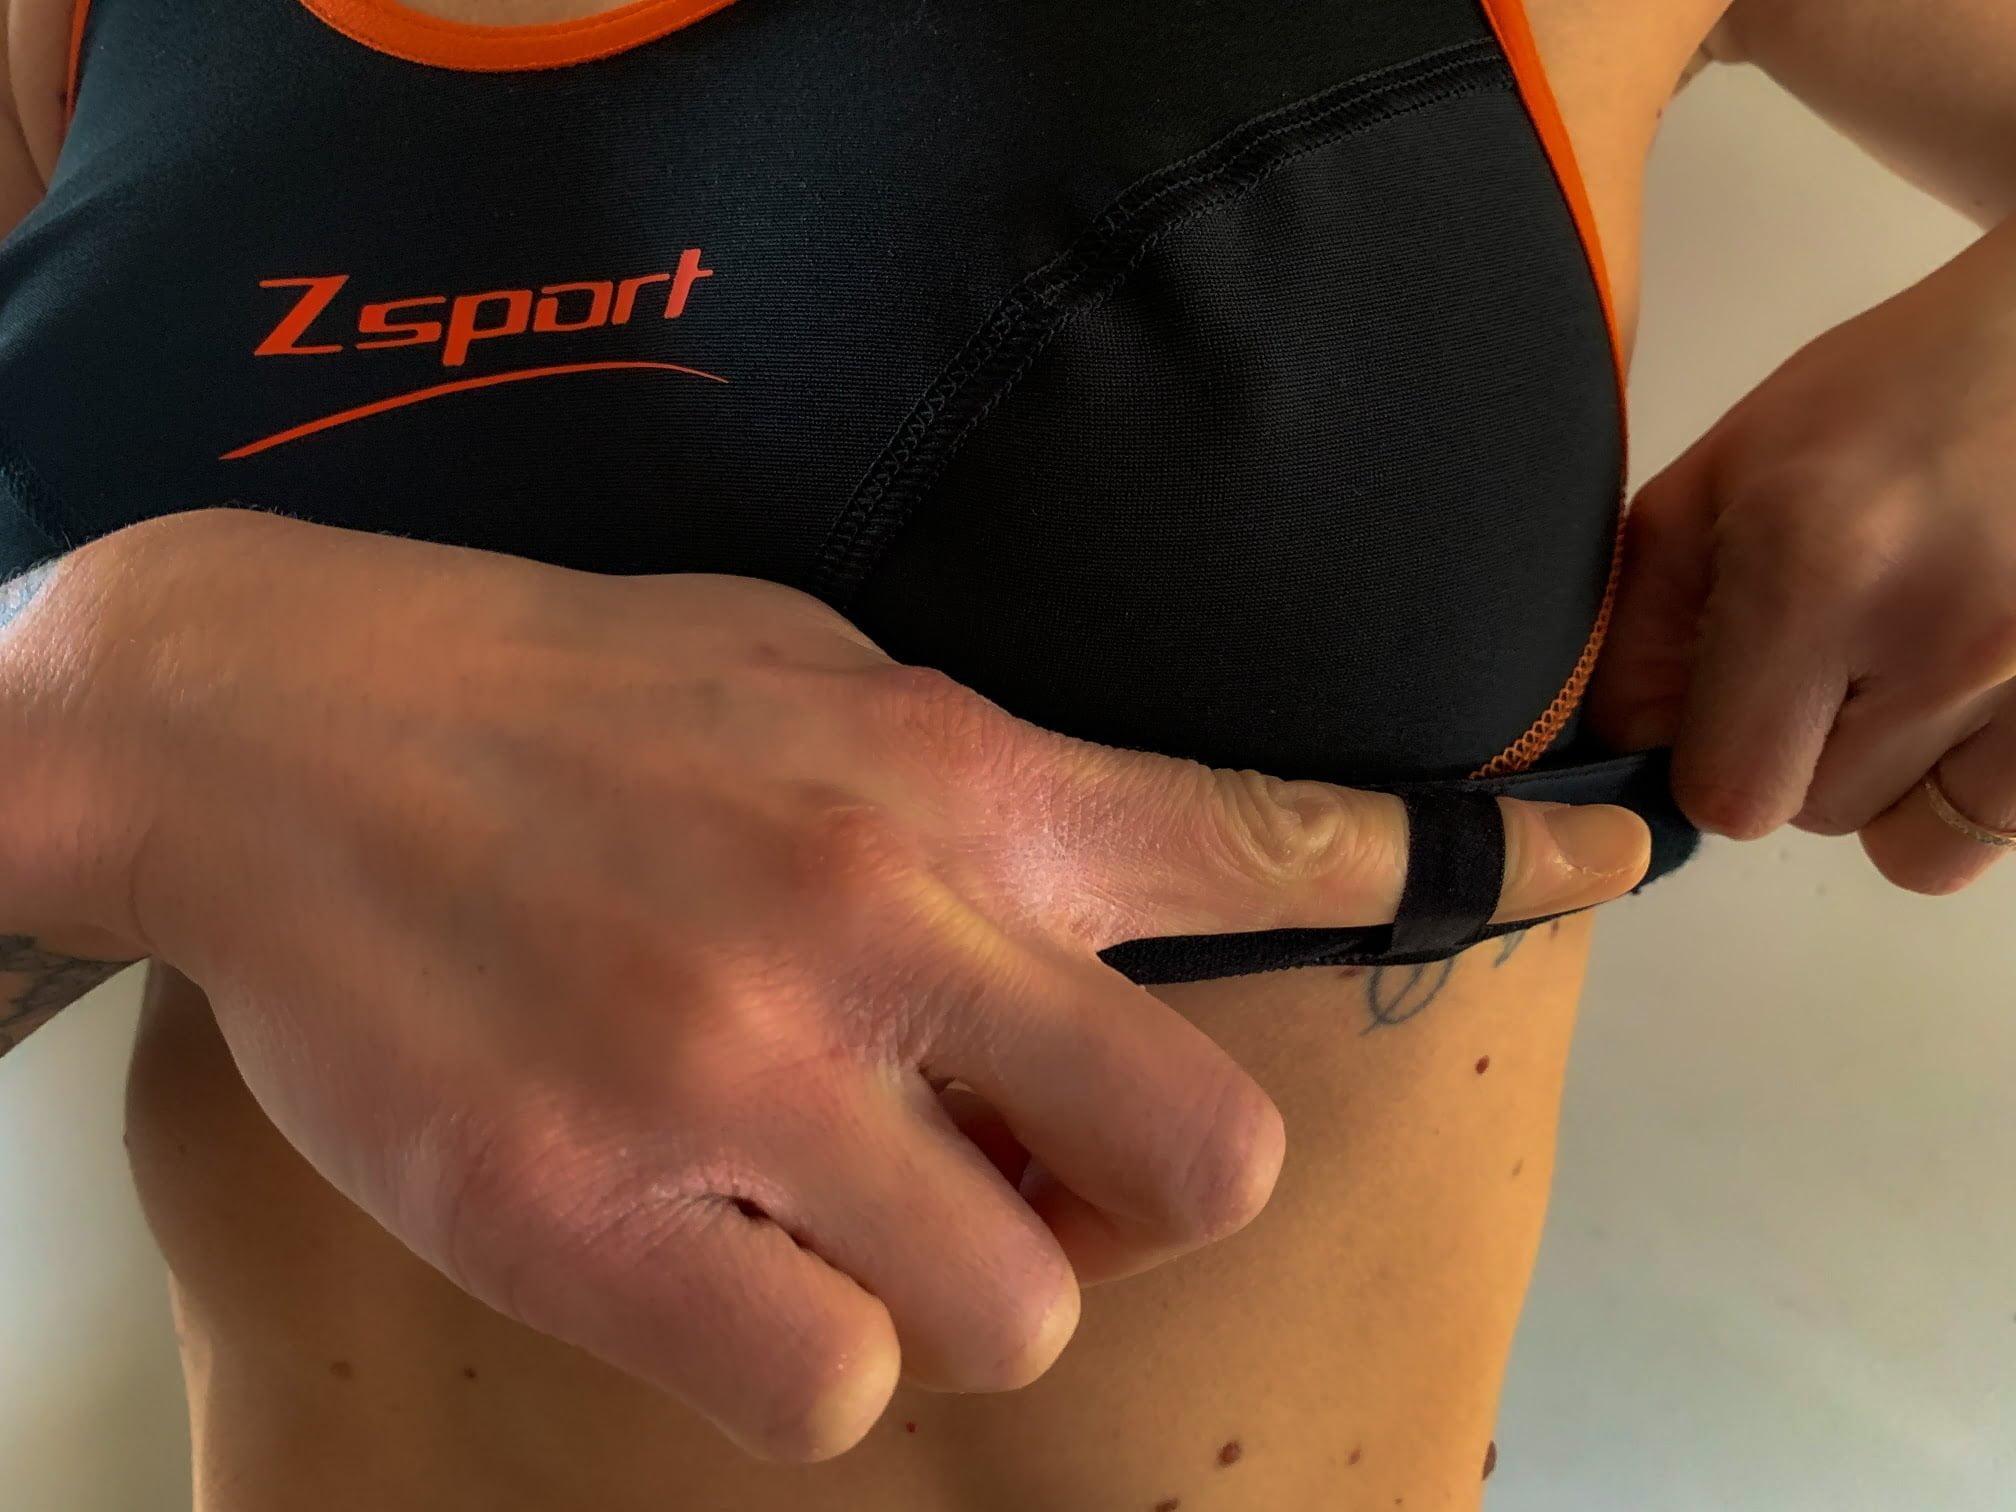 Brassiere Zsport Runline 2